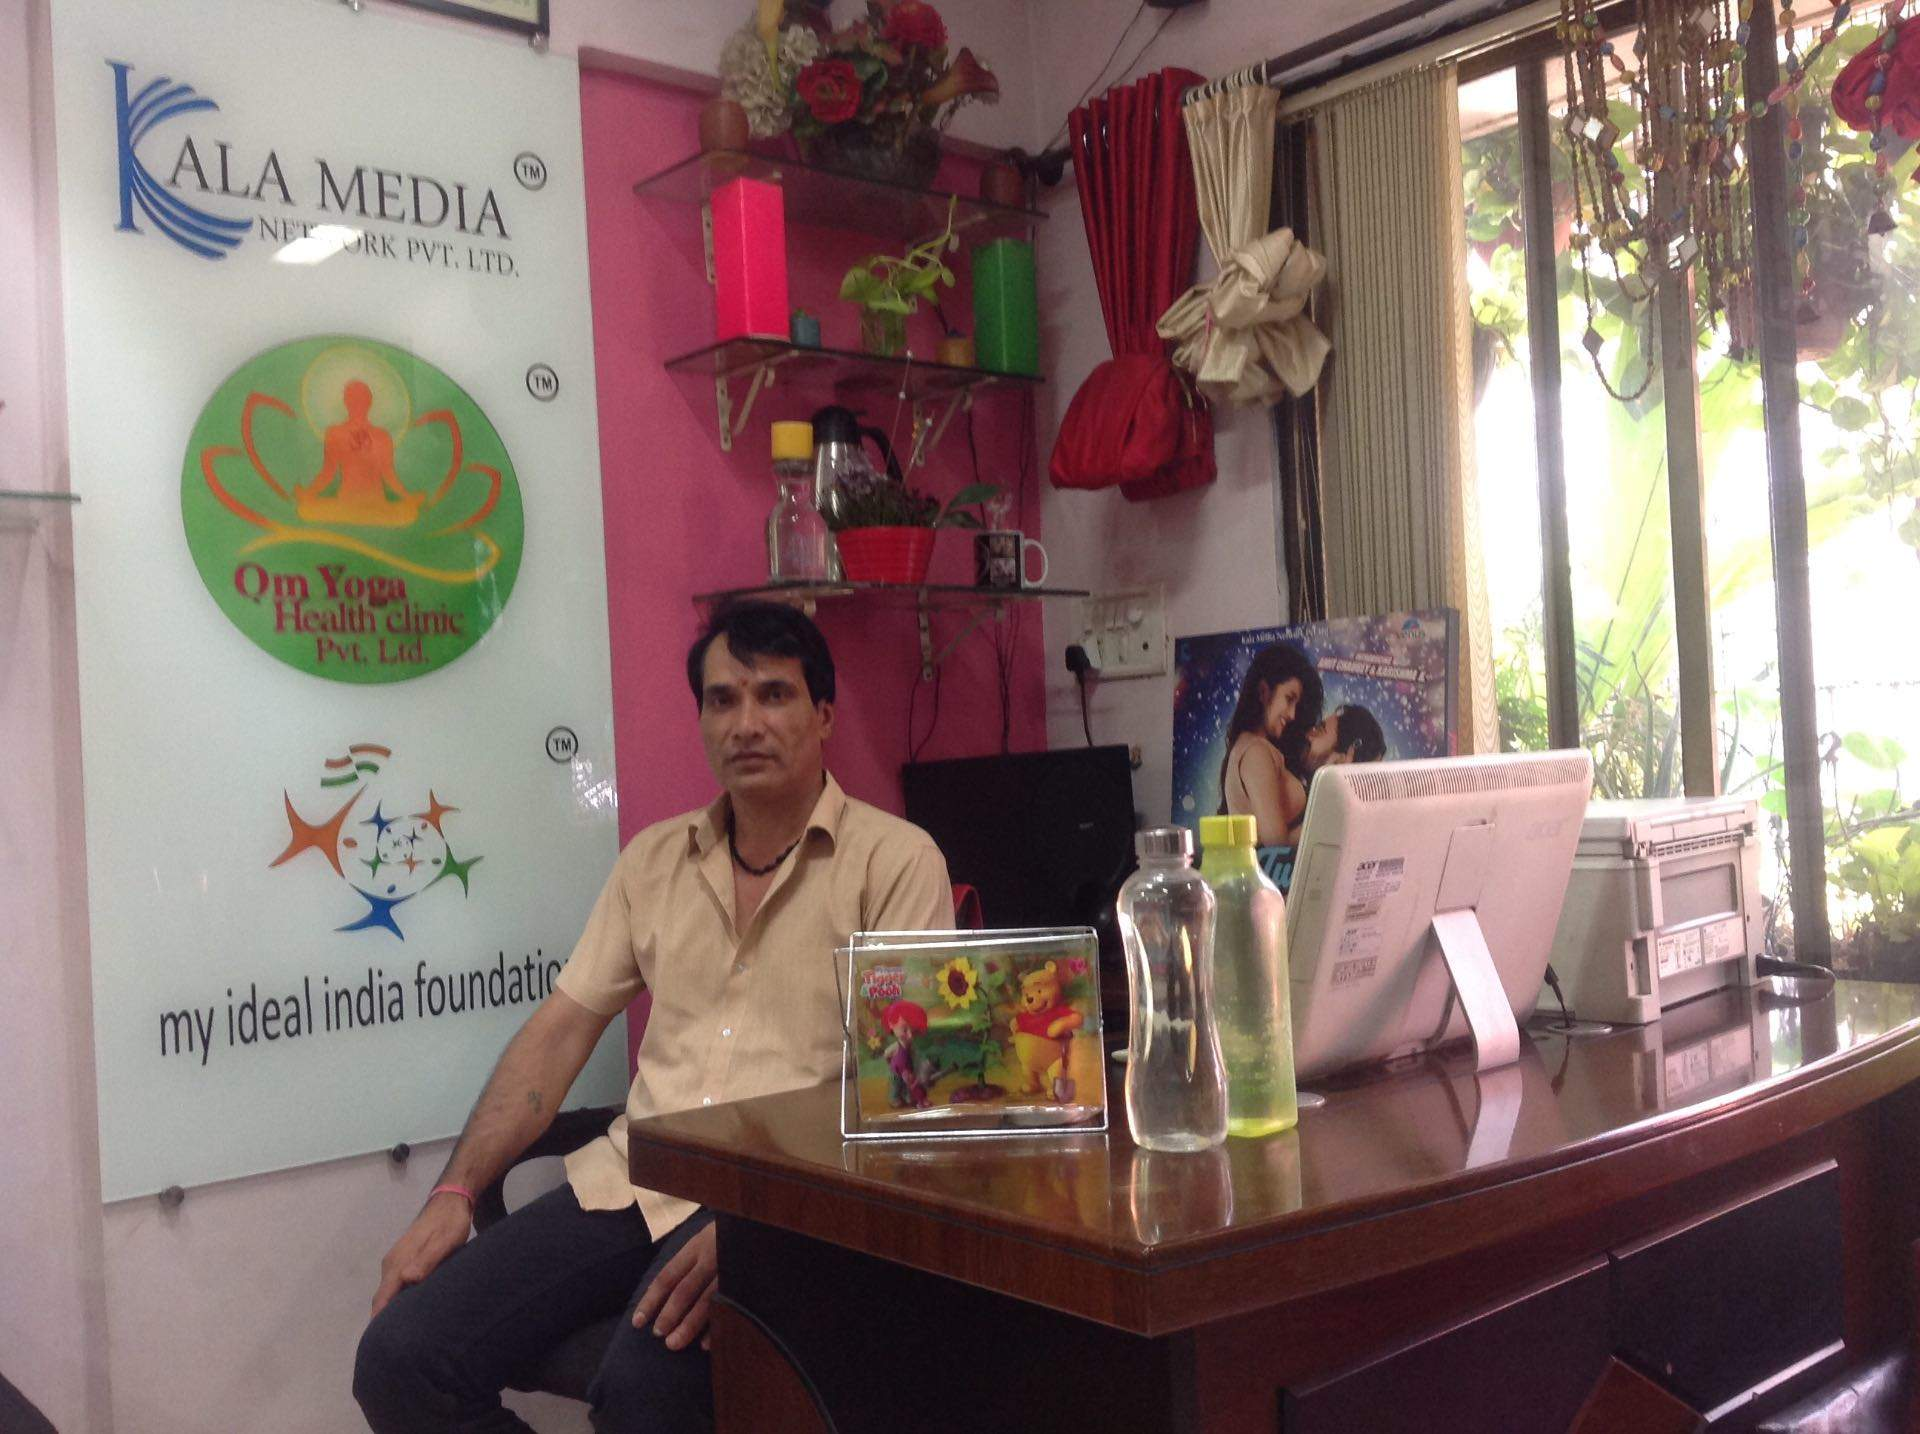 Top 10 Tantra Yoga Classes in Mumbai - Justdial